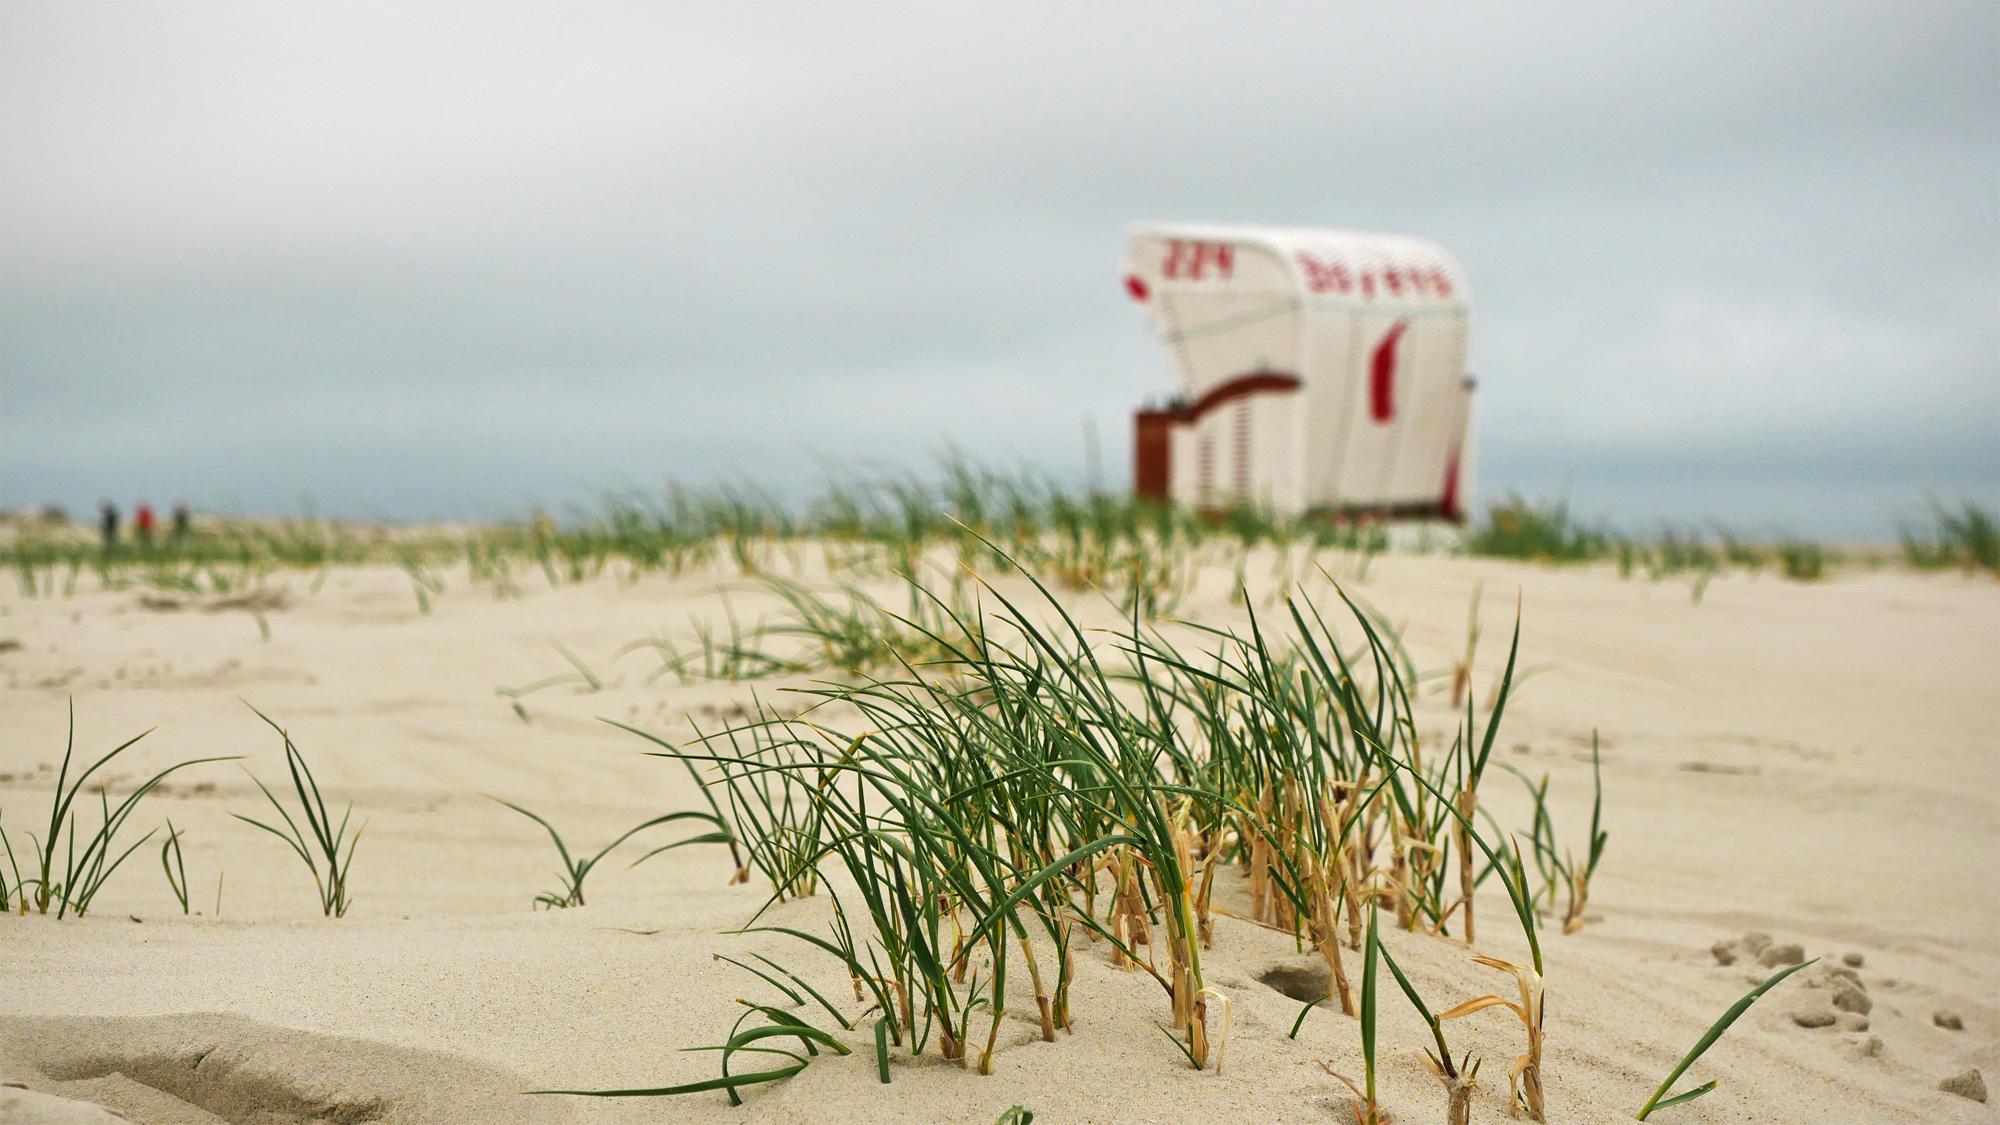 Dünengras und Strandkorb